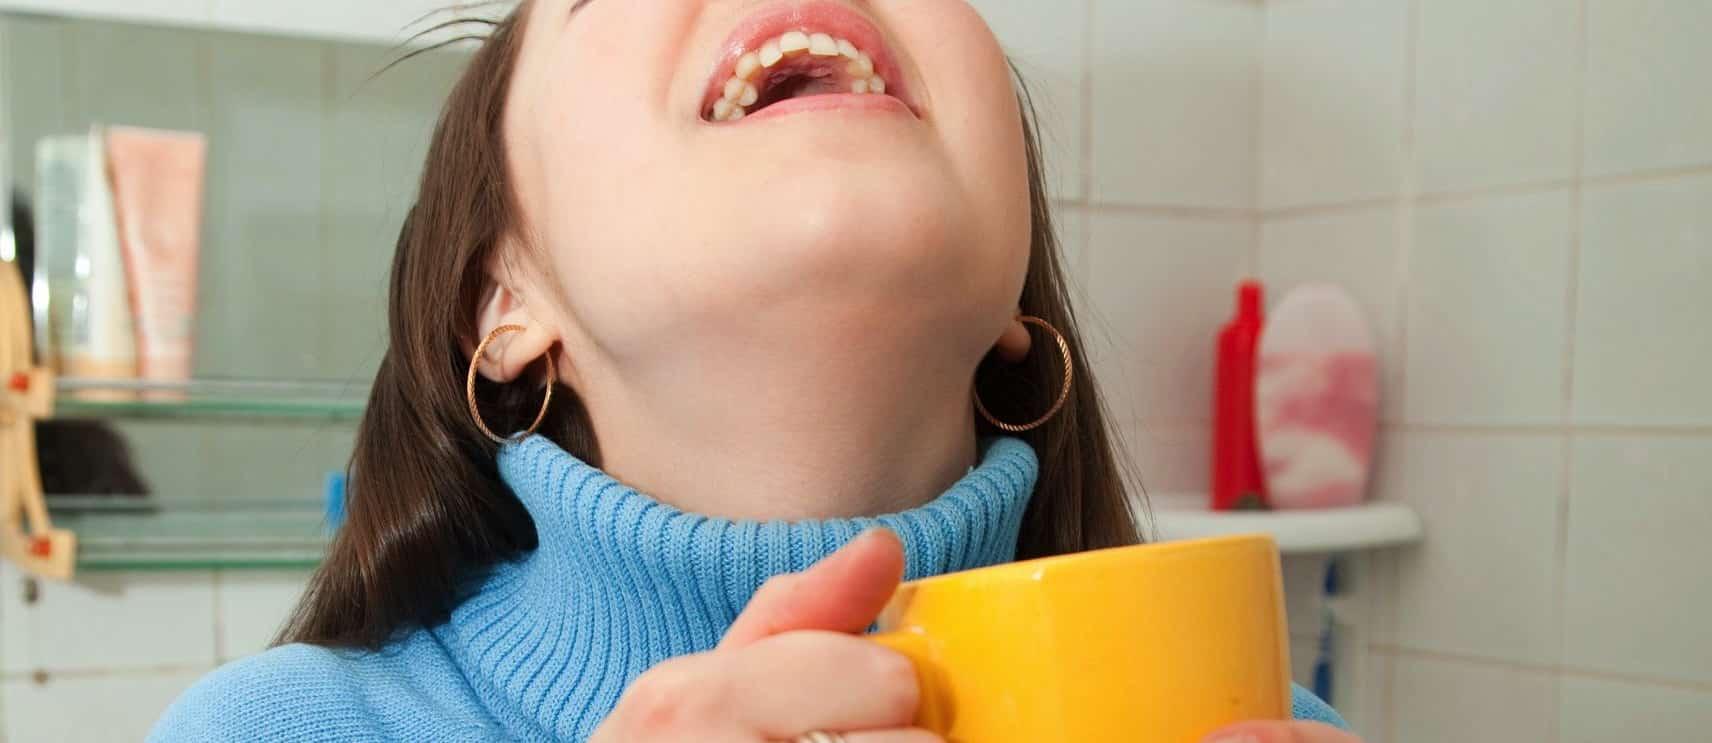 Ветрянка во рту у ребенка: чем обработать и чем лечить